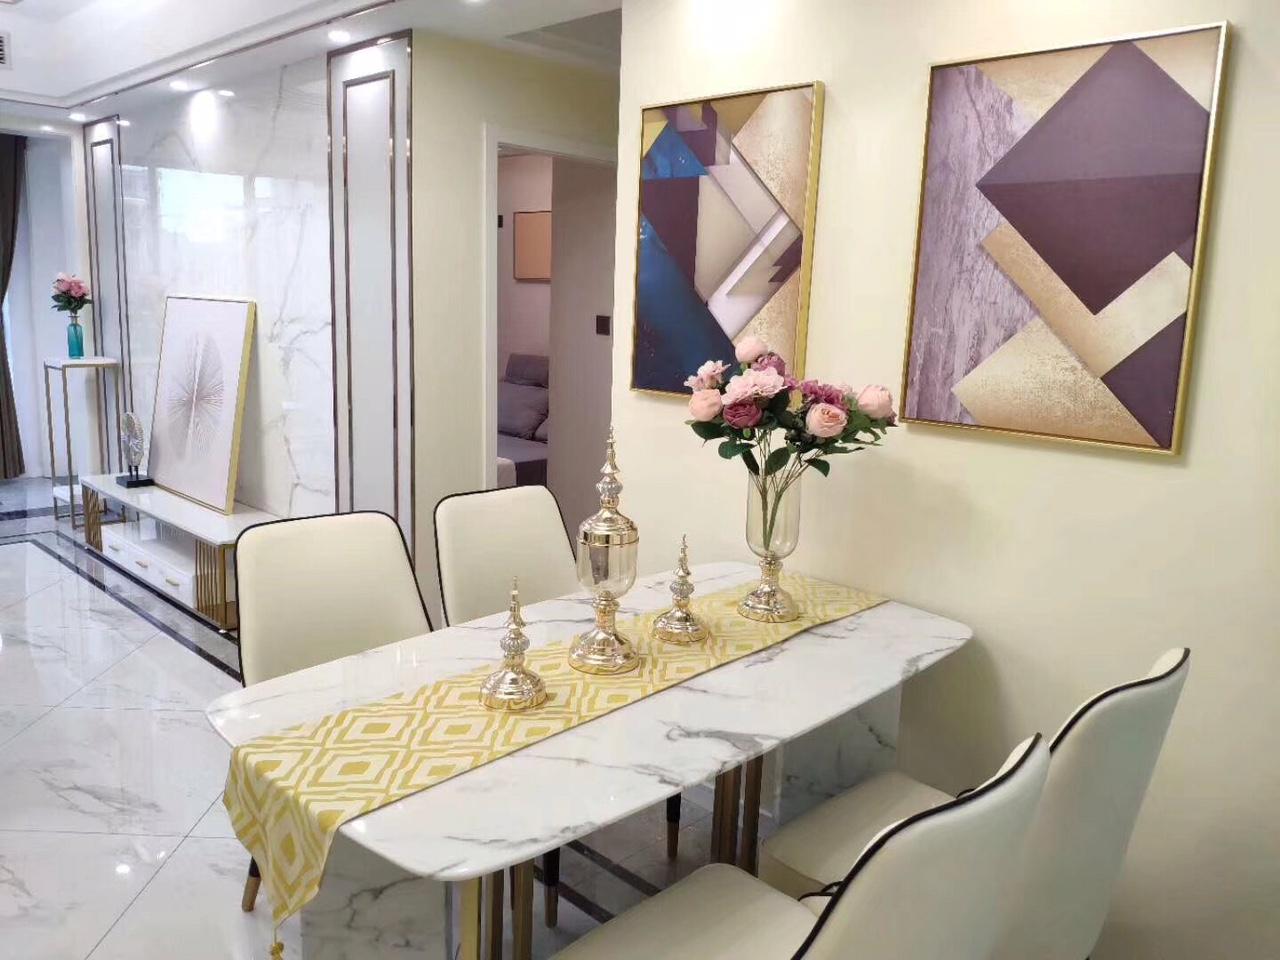 溪西帝景14楼89平方全品牌真皮沙发126.8万